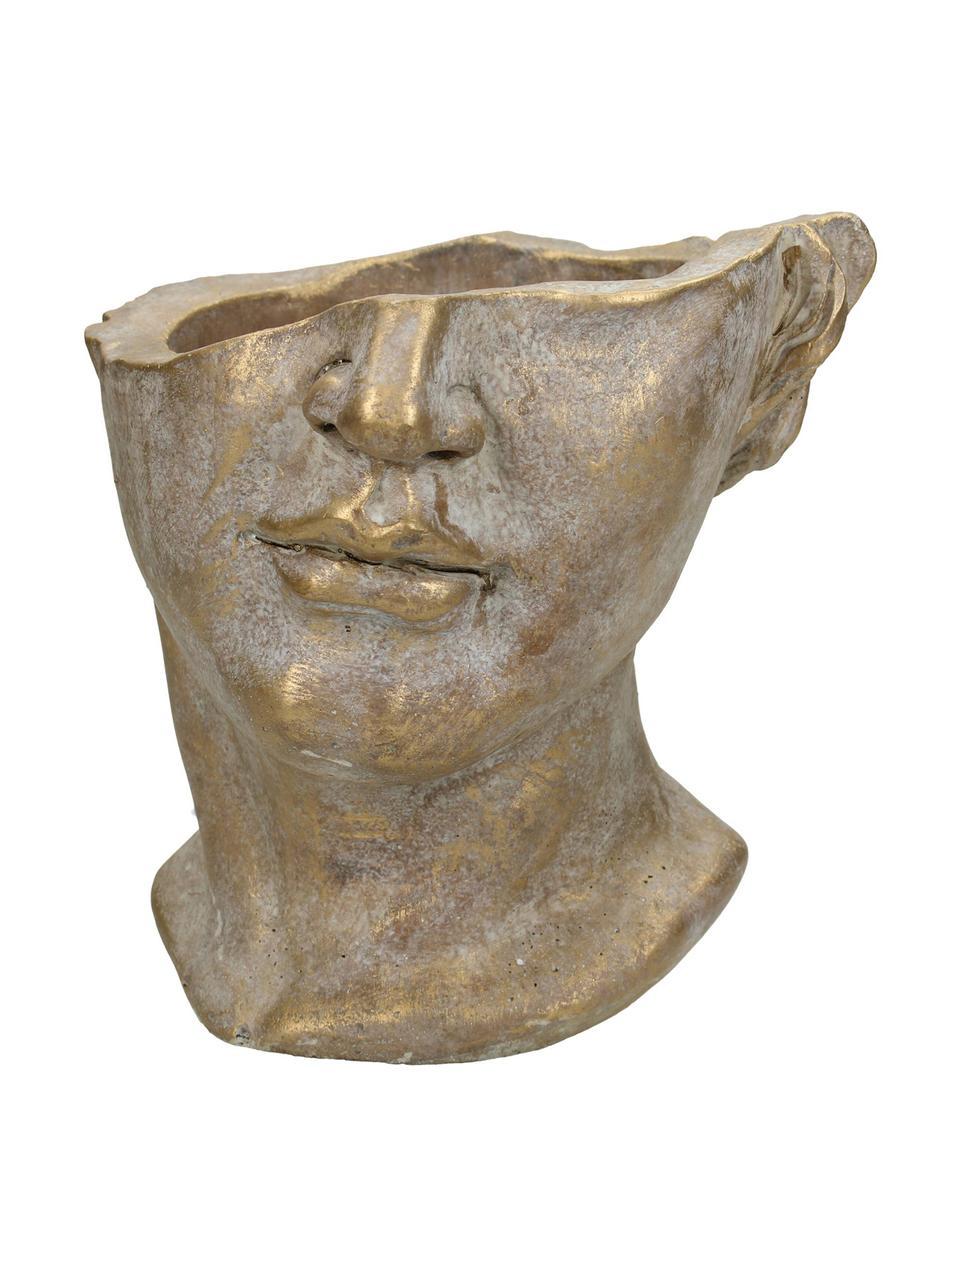 Übertopf Face aus Beton, Beton, Goldfarben mit Antik-Finish, 20 x 19 cm